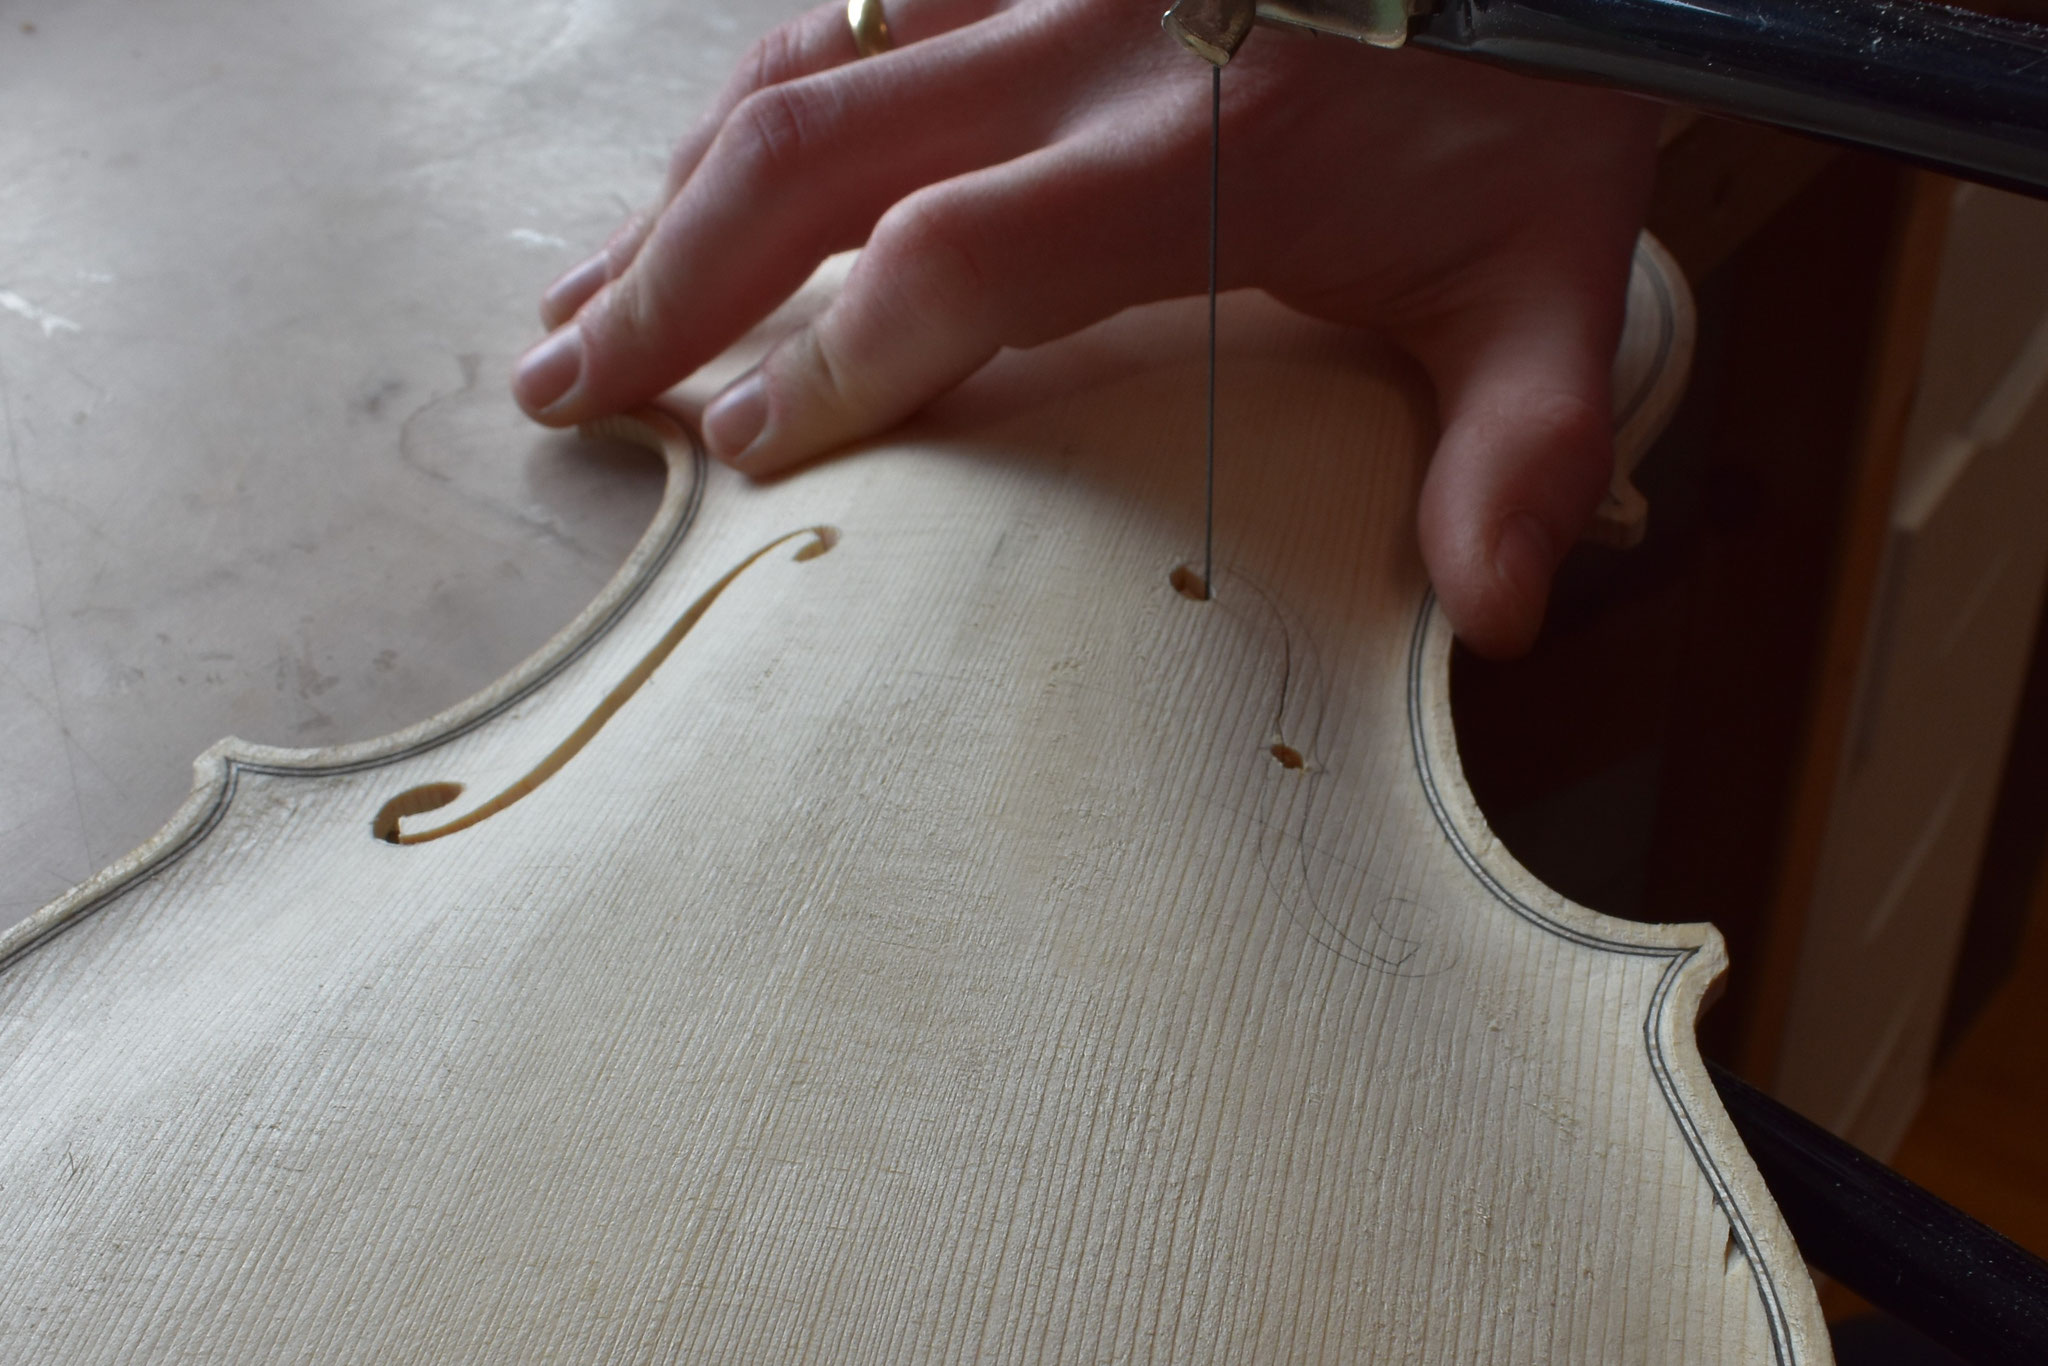 Nachdem die Decke grob ausgearbeitet wurde, werden die f-Löcher positioniert und mit einer Laubsäge ausgesägt.